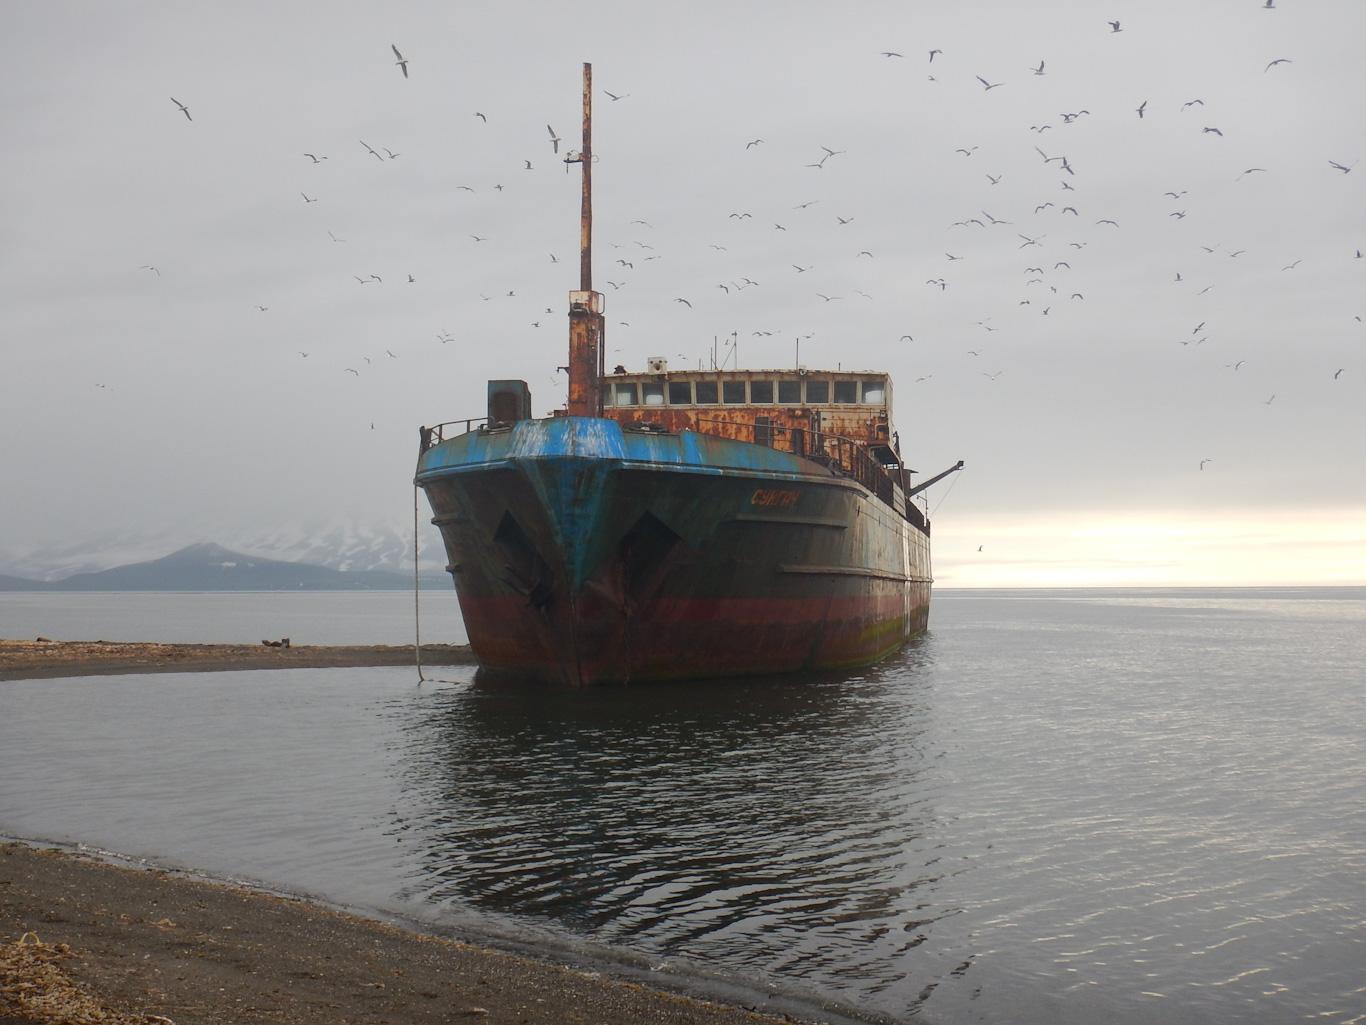 Остров Парамушир. корабль Сунгач